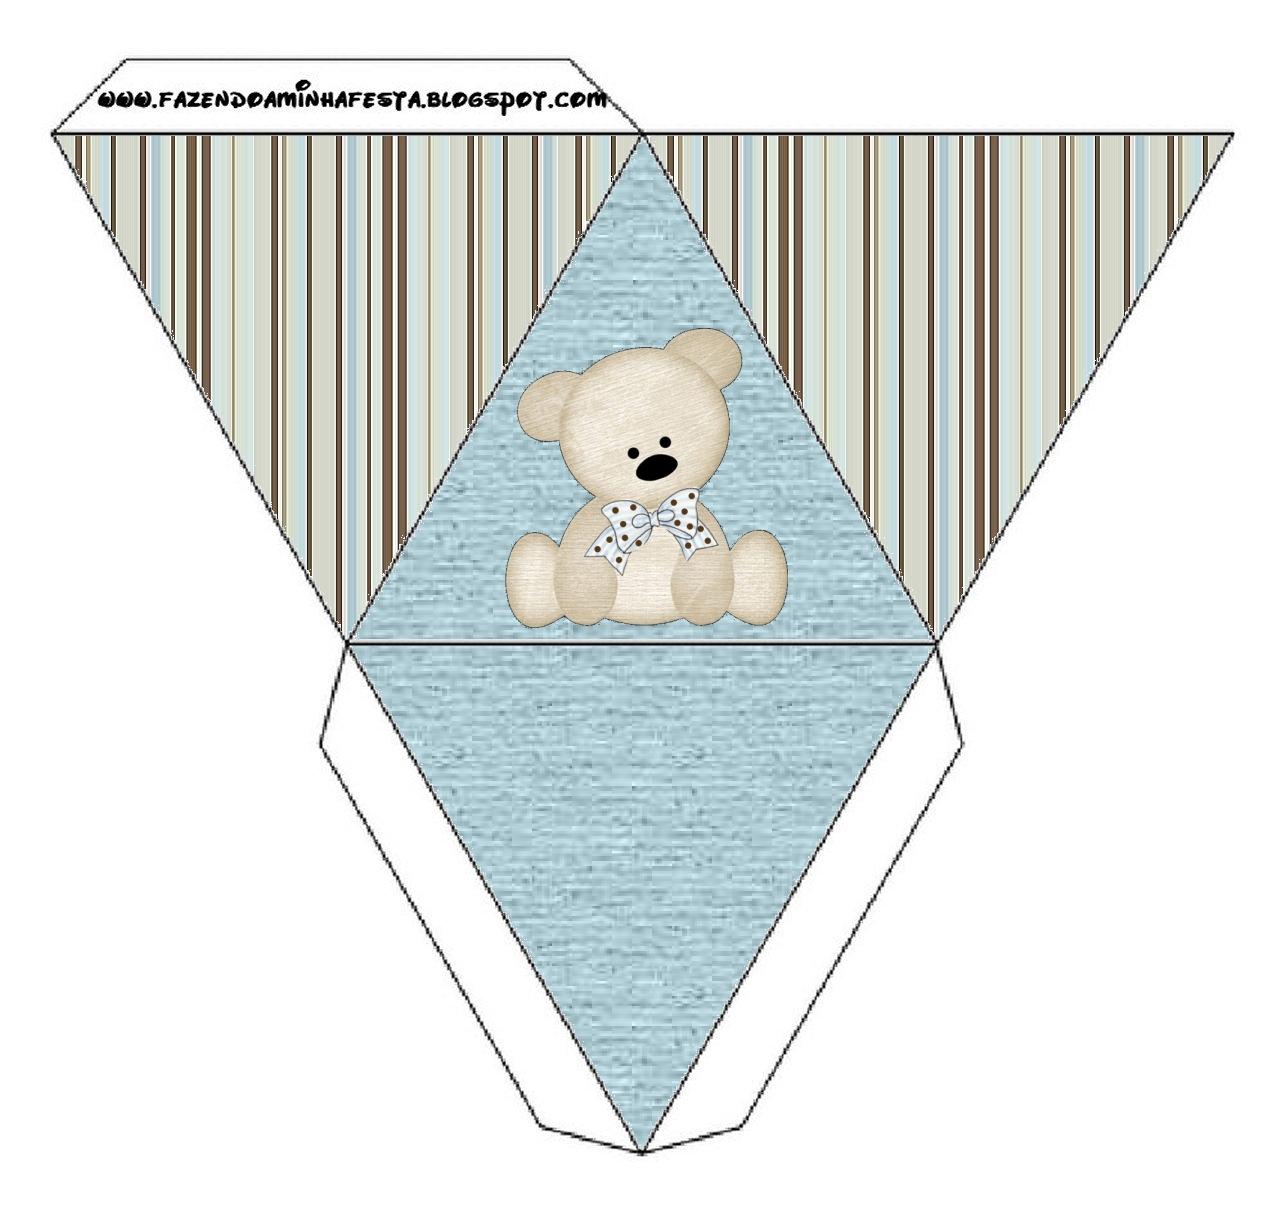 http://4.bp.blogspot.com/-fk_KVR93teg/Tv0A80cxceI/AAAAAAAACjw/kQQMwt2y0Cs/s1600/a+caixa+piramide.jpg